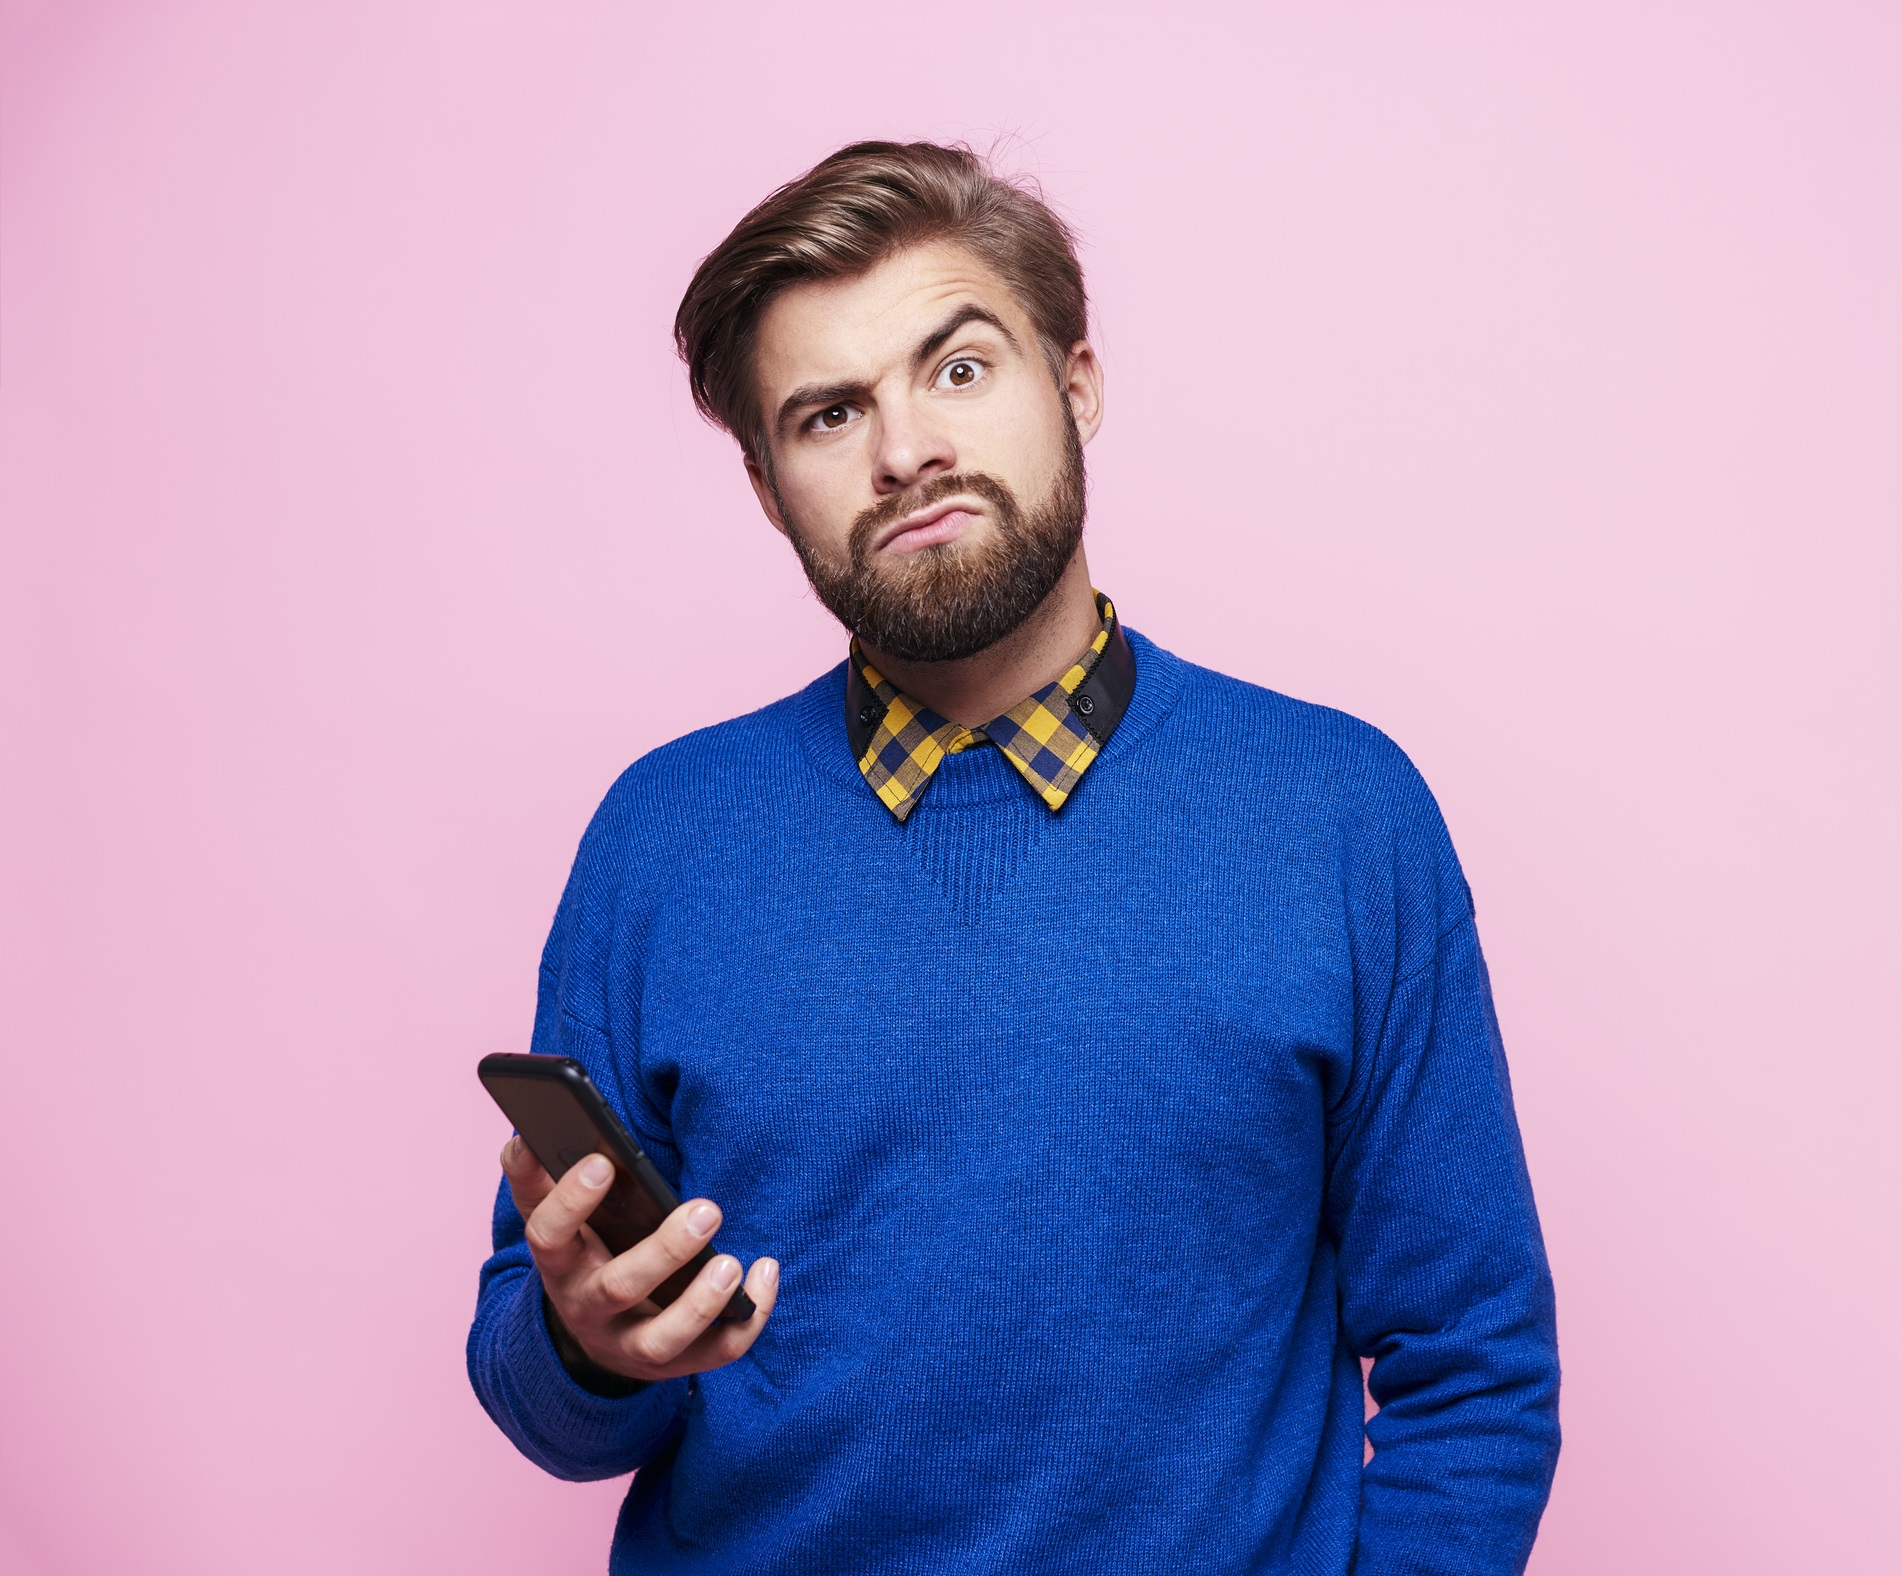 Jemand, der ein gf hatDating-Tipps nach einer Scheidung